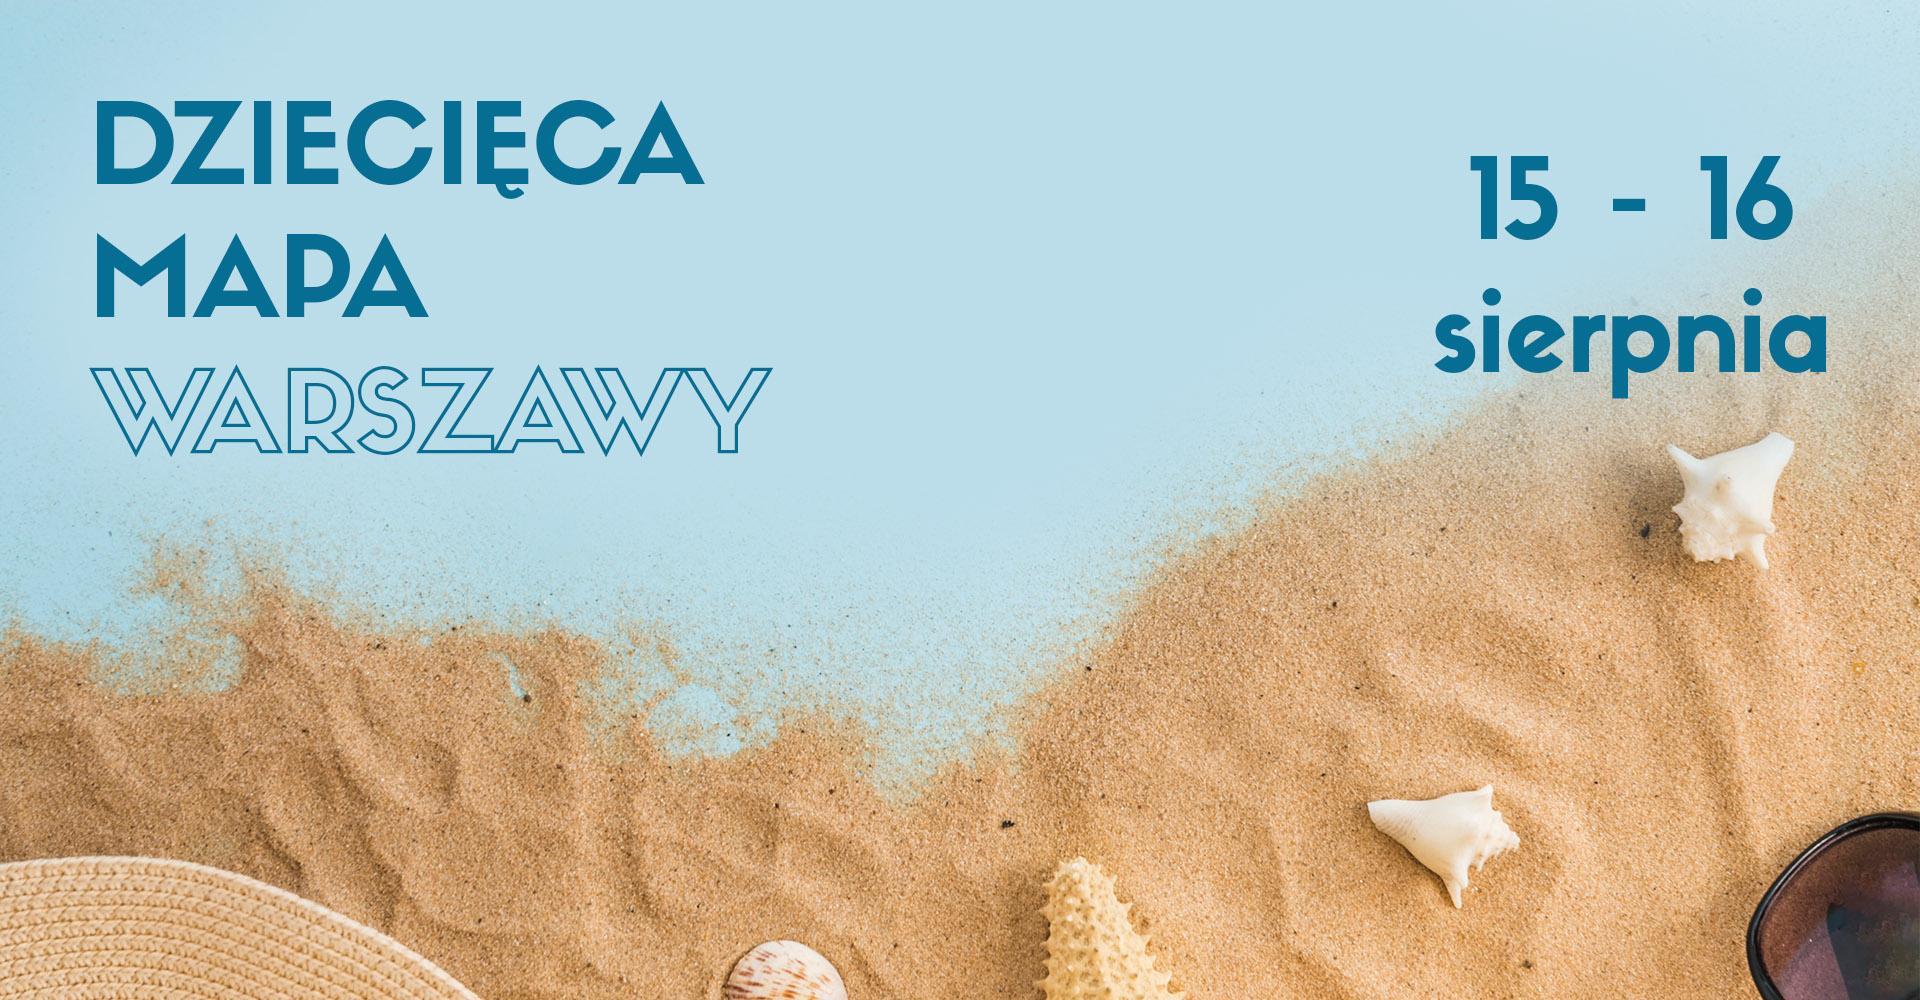 Weekendowa Zajawka, czyli zaplanuj rodzinny weekend w Warszawie (15-16 sierpnia)